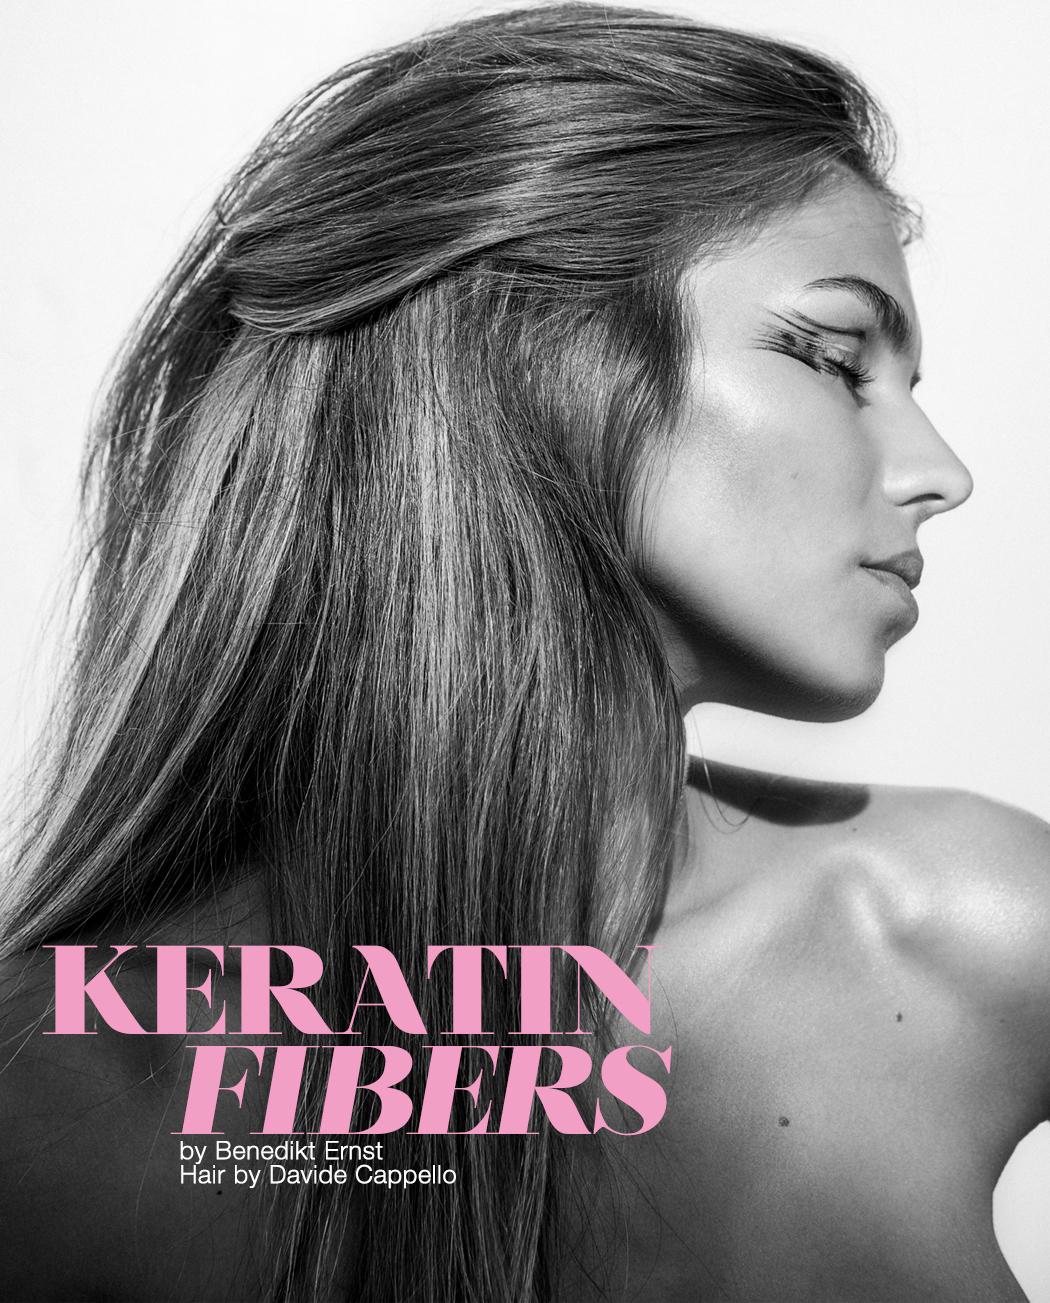 Keratin Fibers